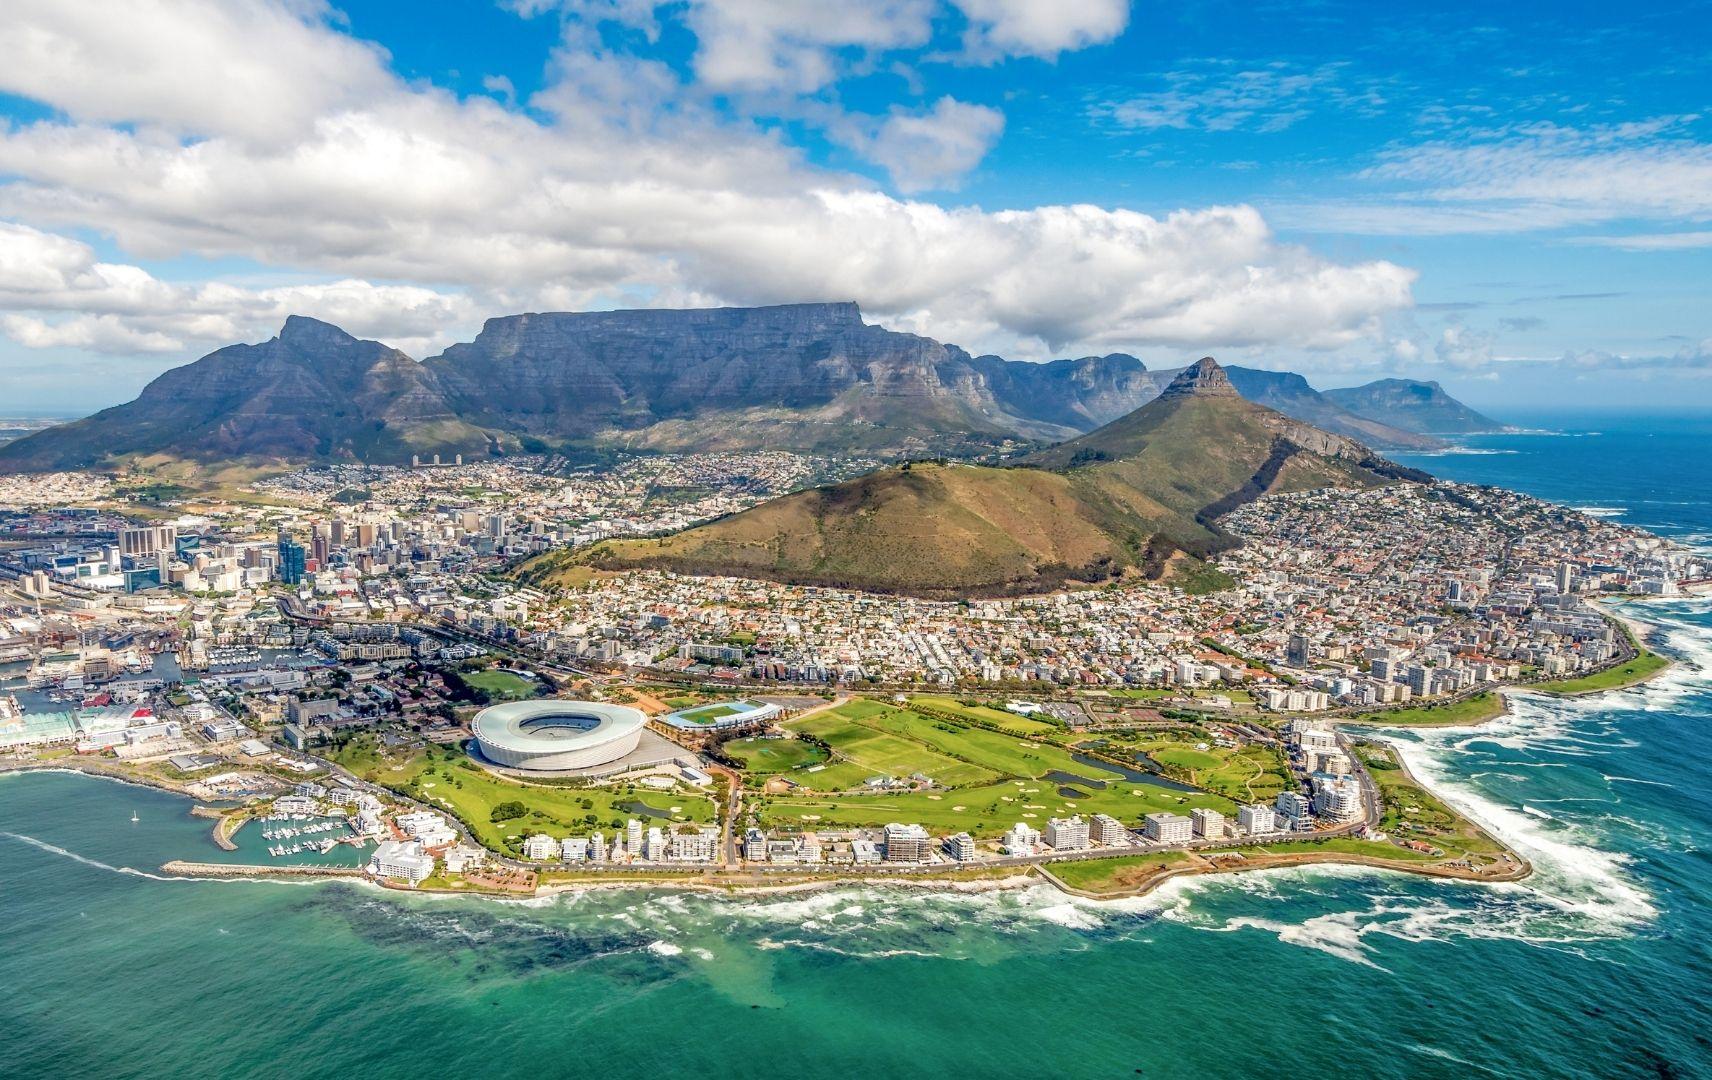 Kapstadt und 12 Apostel Südafrika